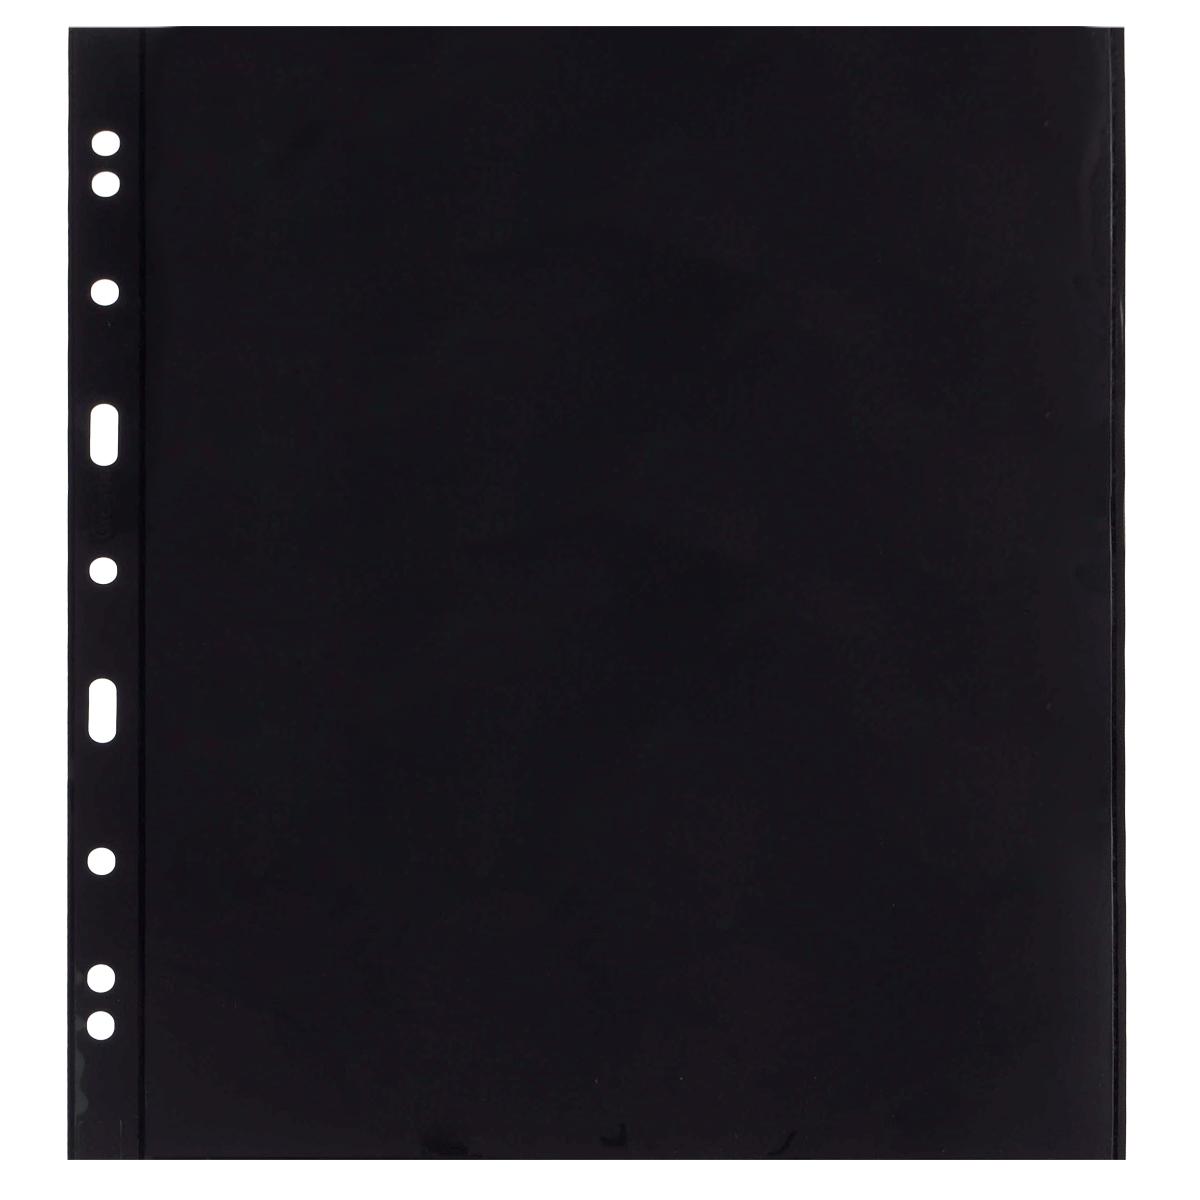 Лист в альбом Grande 1S для ценных бумаг, на 1 ячейку. Leuchtturm. 333555 (10 листов в упаковке)333555Характеристики: Размер листа: 31,2 см х 24 см Размер ячейки: 21,6 см x 30,6 см Количество листов в упаковке: 10